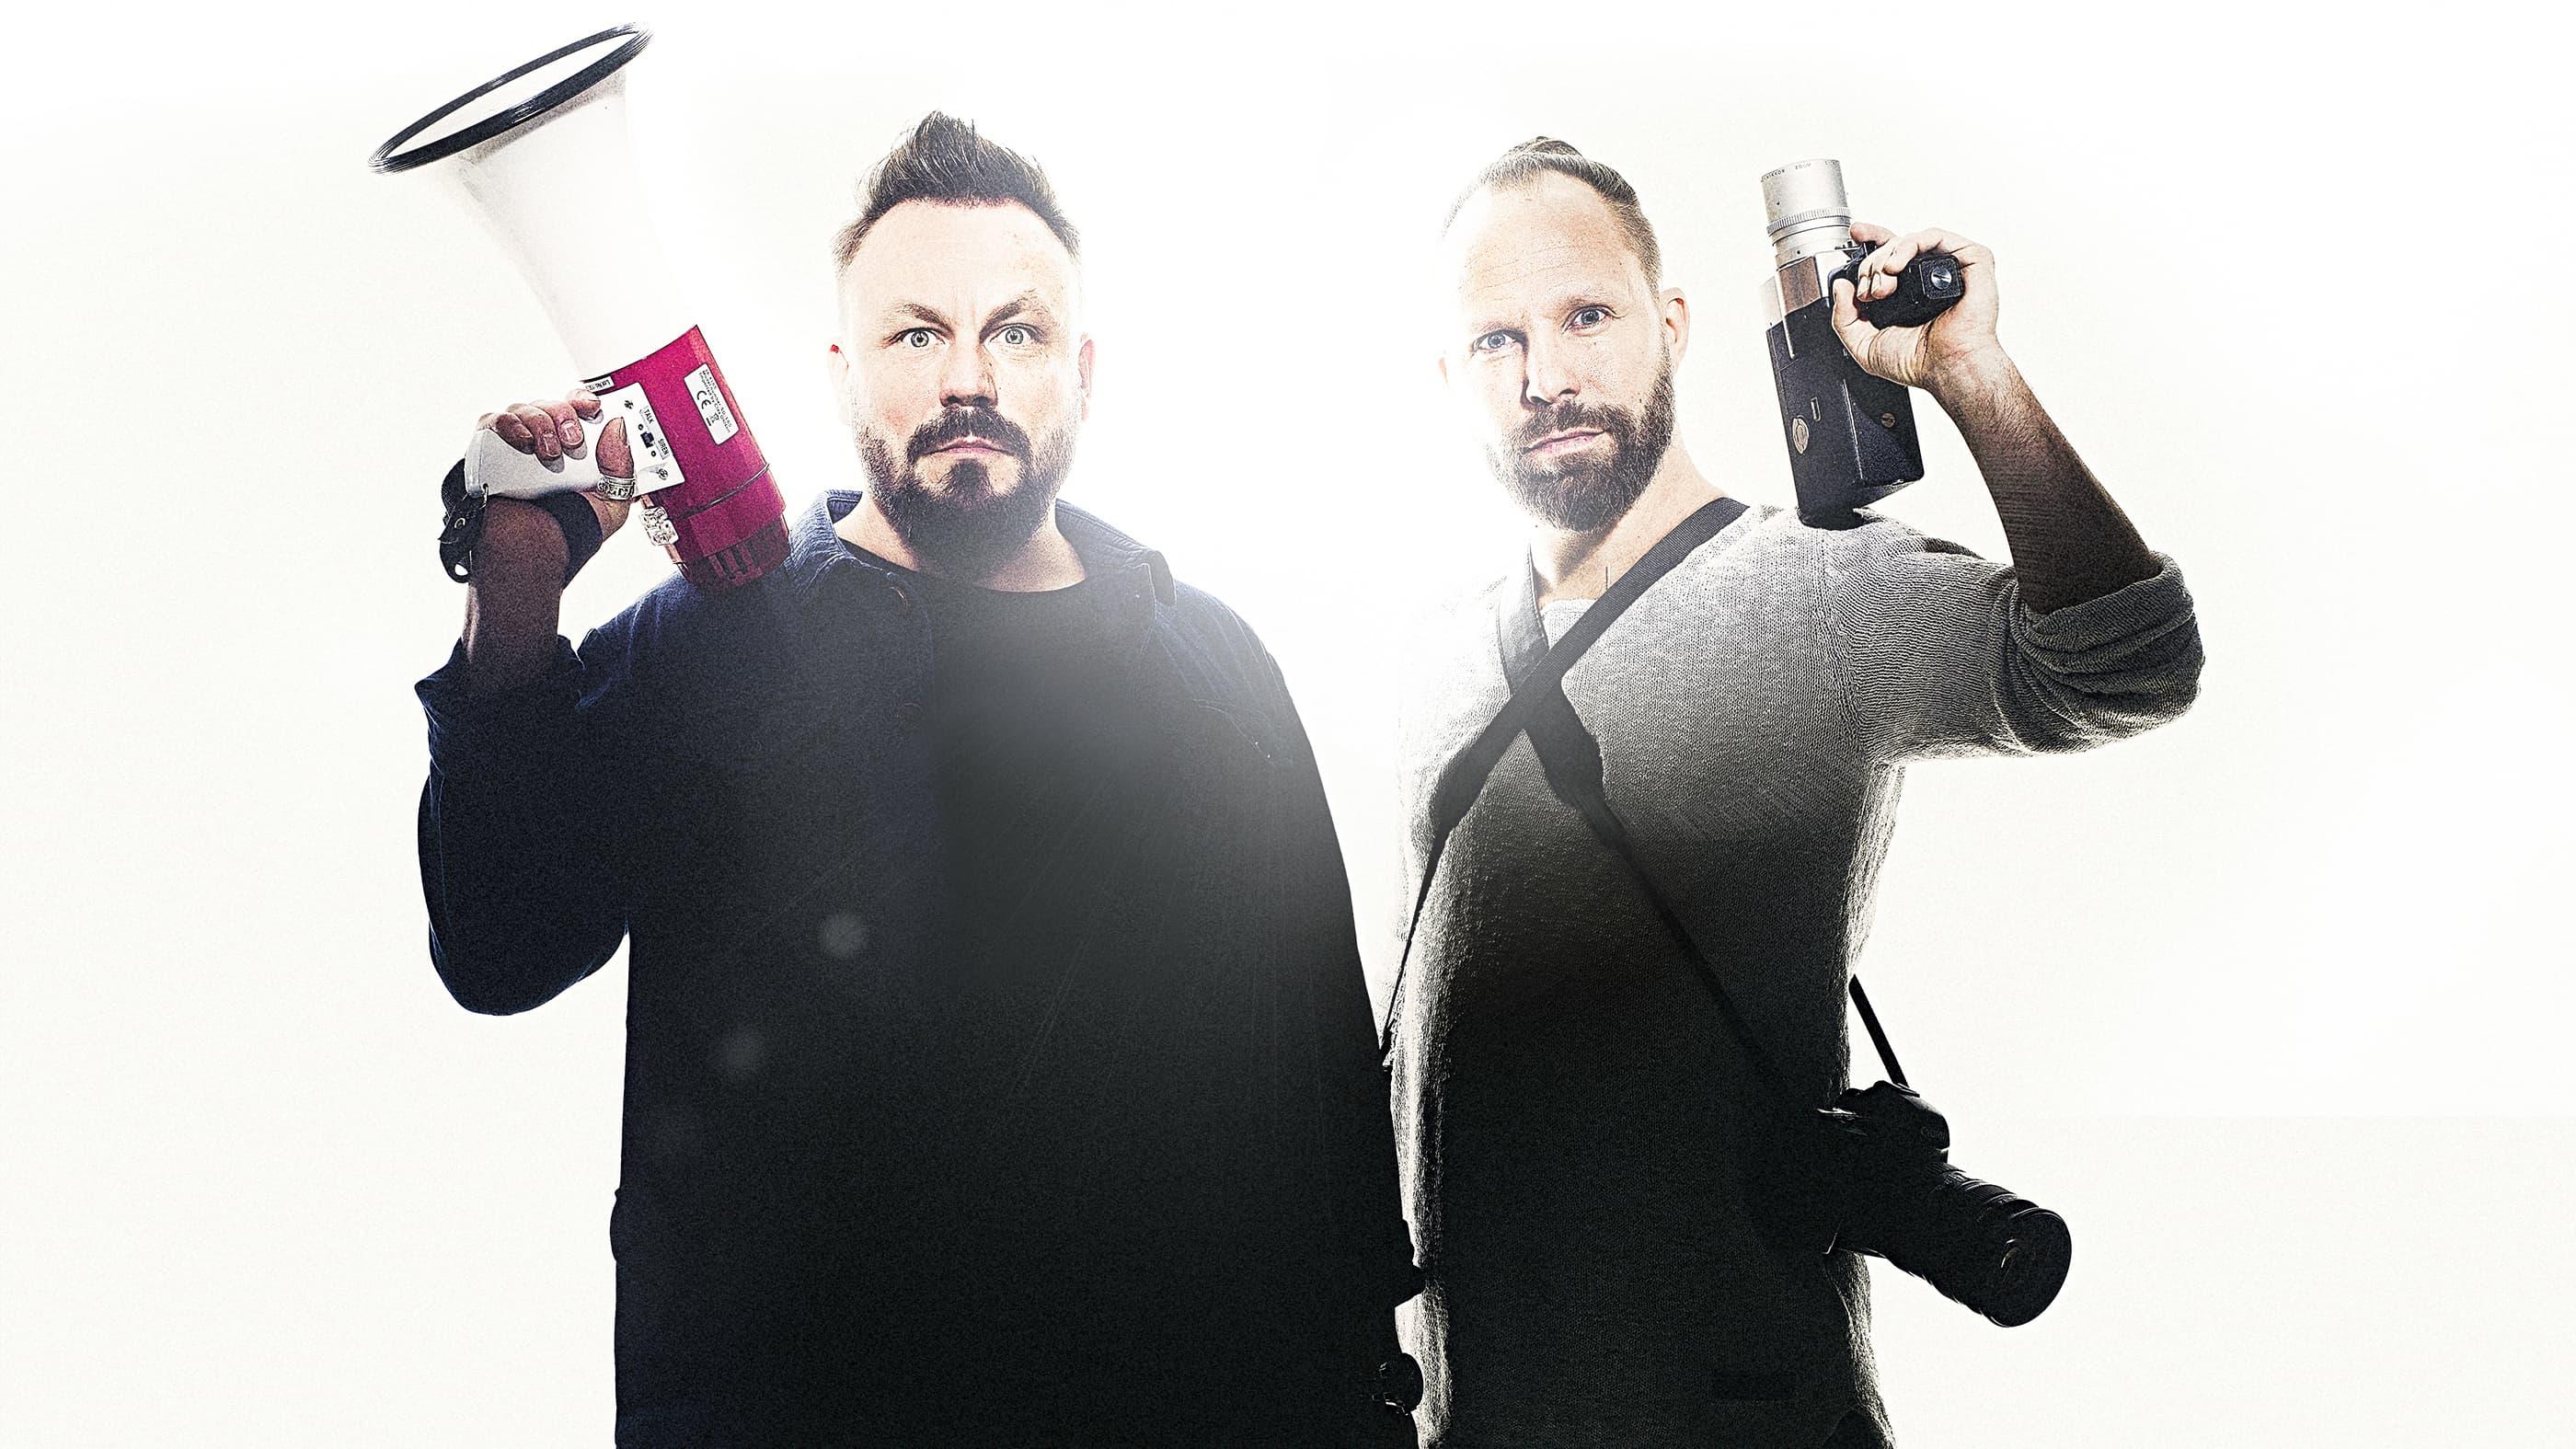 """Riku Rantala ja Tuomas """"Tunna"""" Milonoff: Docventures 5 on murroskauden tiedonvälittäjä, ajatusten ja keskustelun herättäjä."""